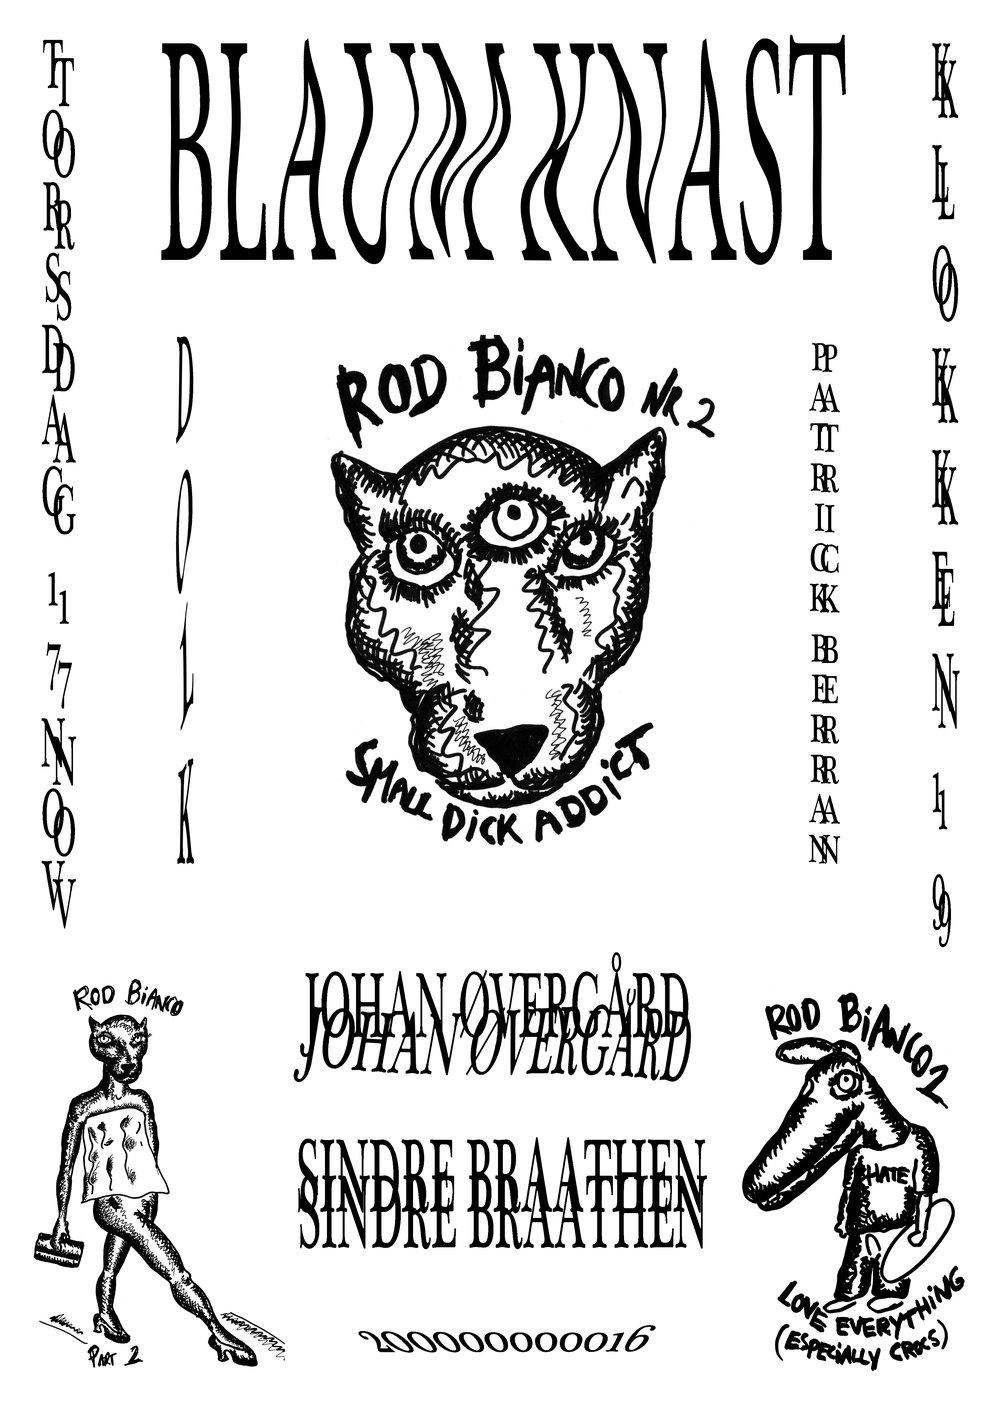 BLAUM KNAST Dolk, Johan Øvergård, Patrick Berran and Sindre Braathen 17. November - 17. December Opening 27. November 19.00